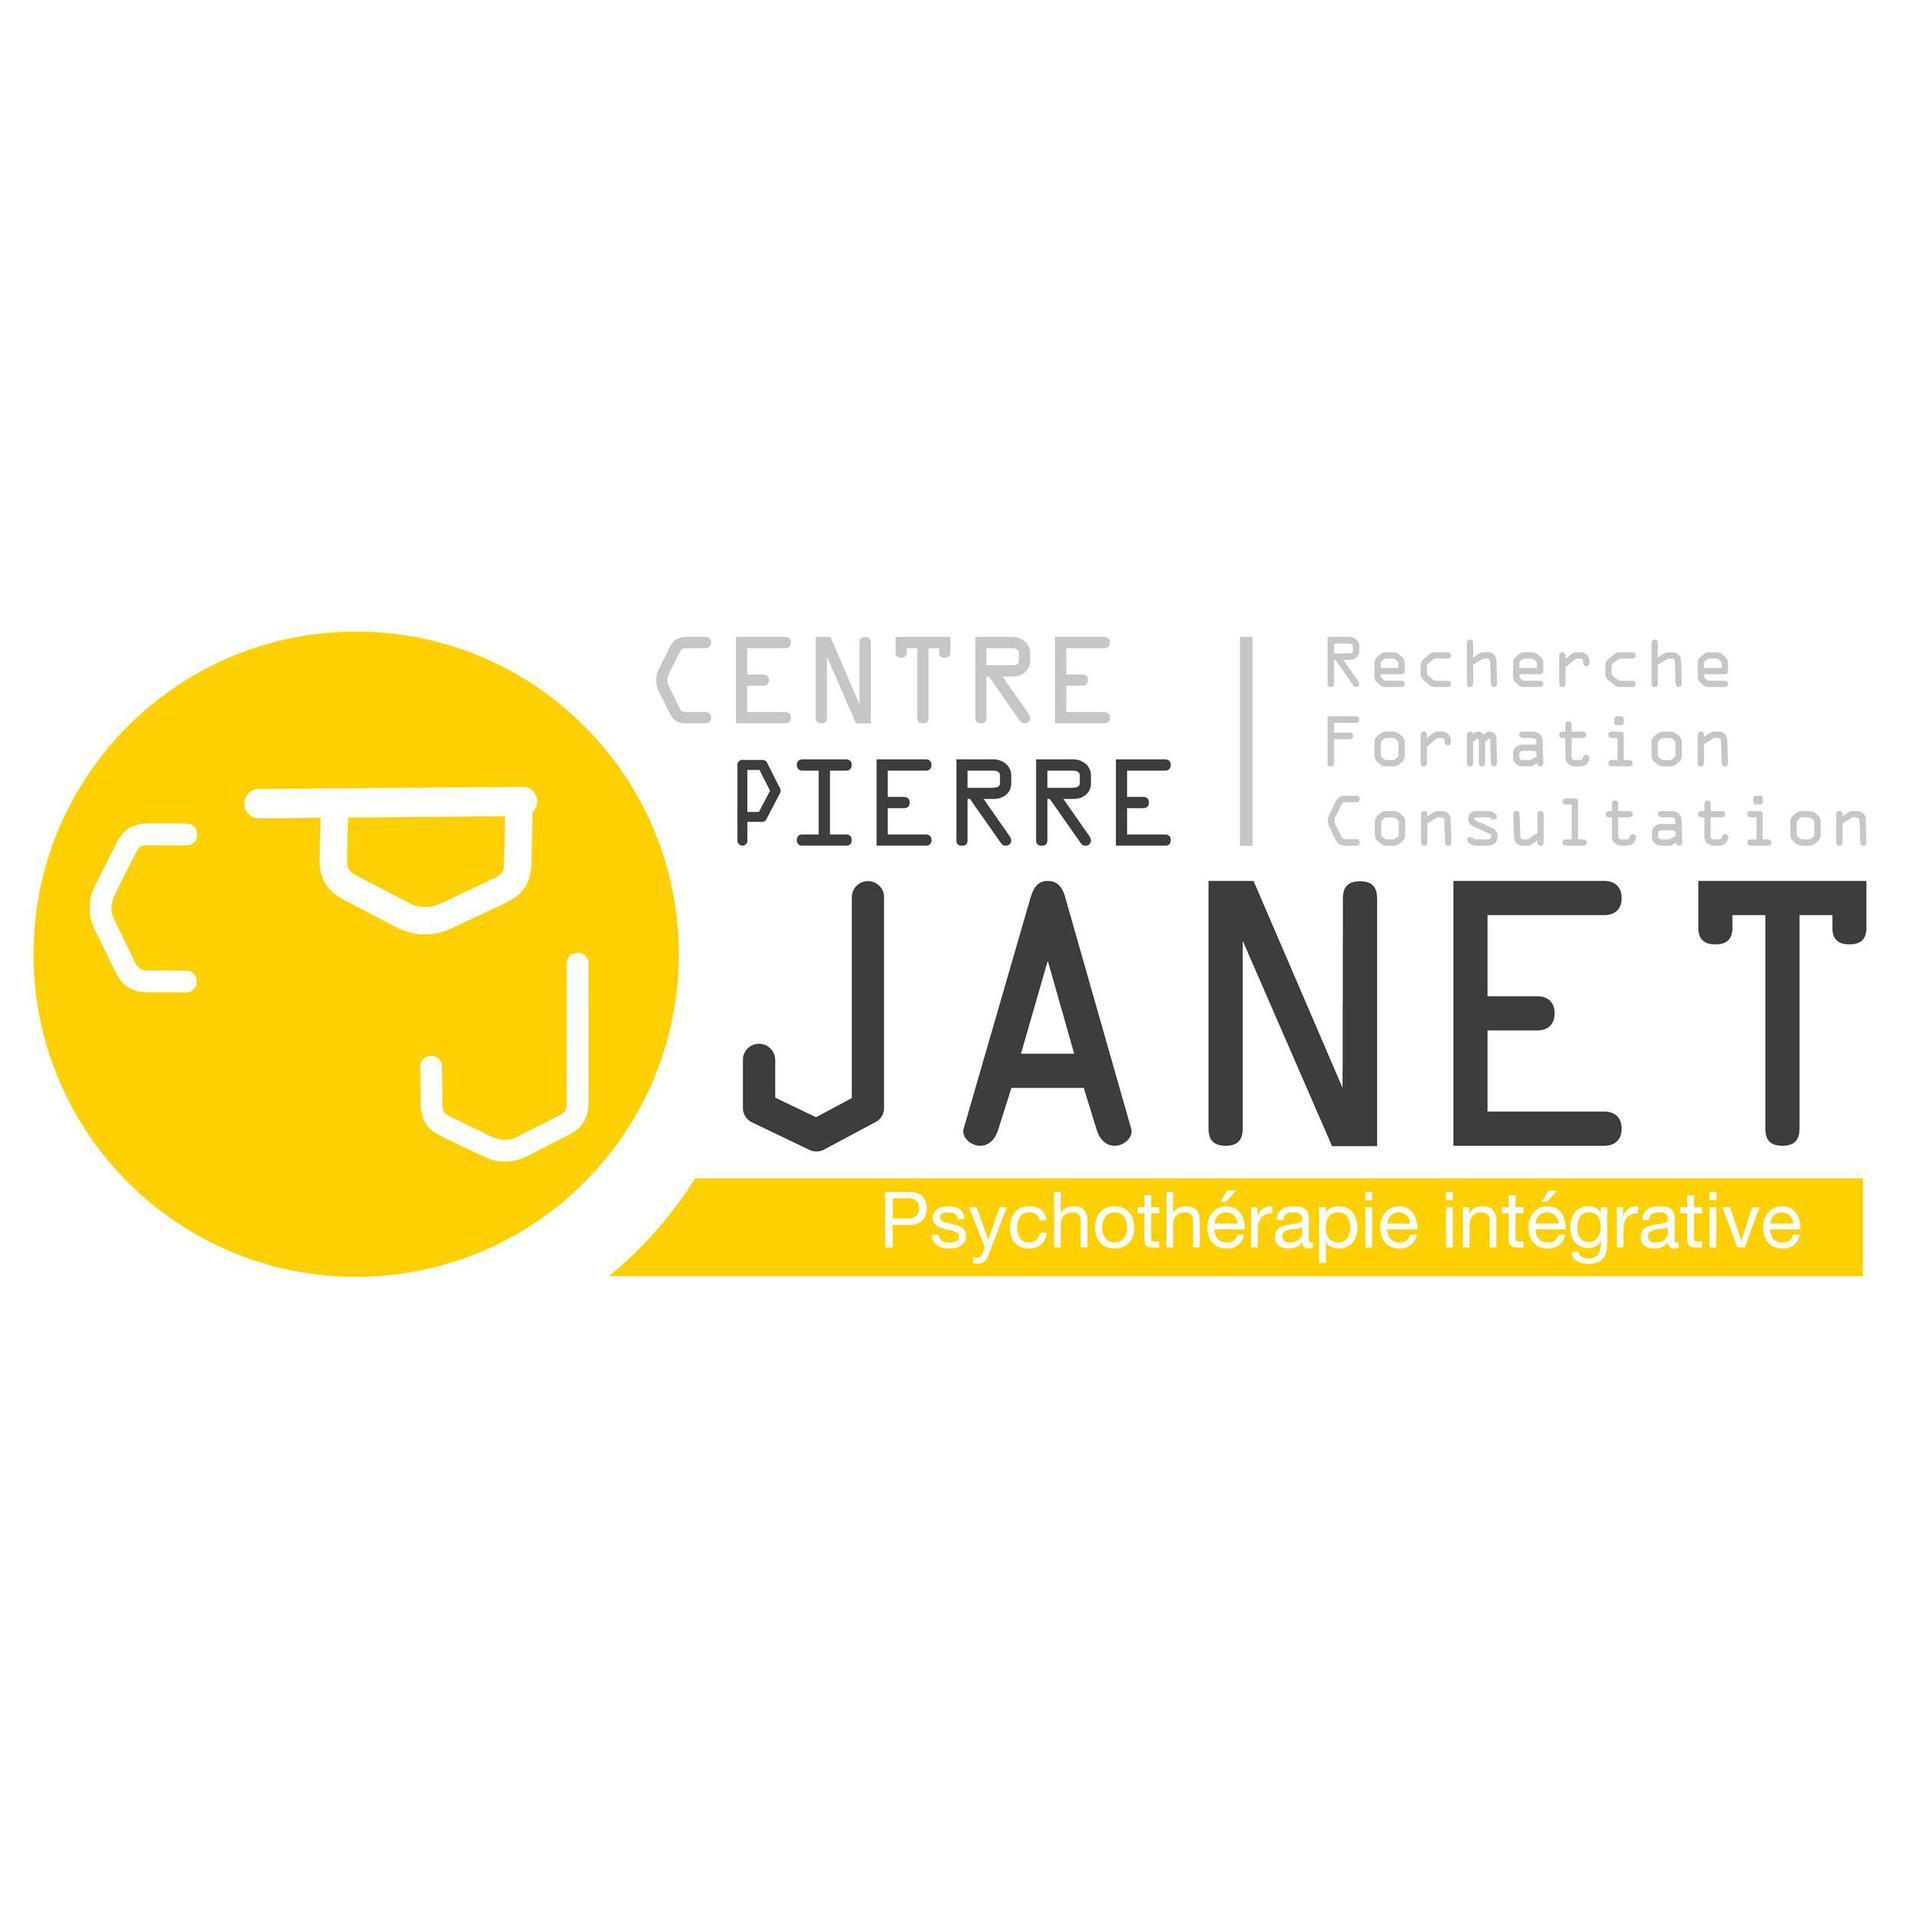 Centre Pierre Janet